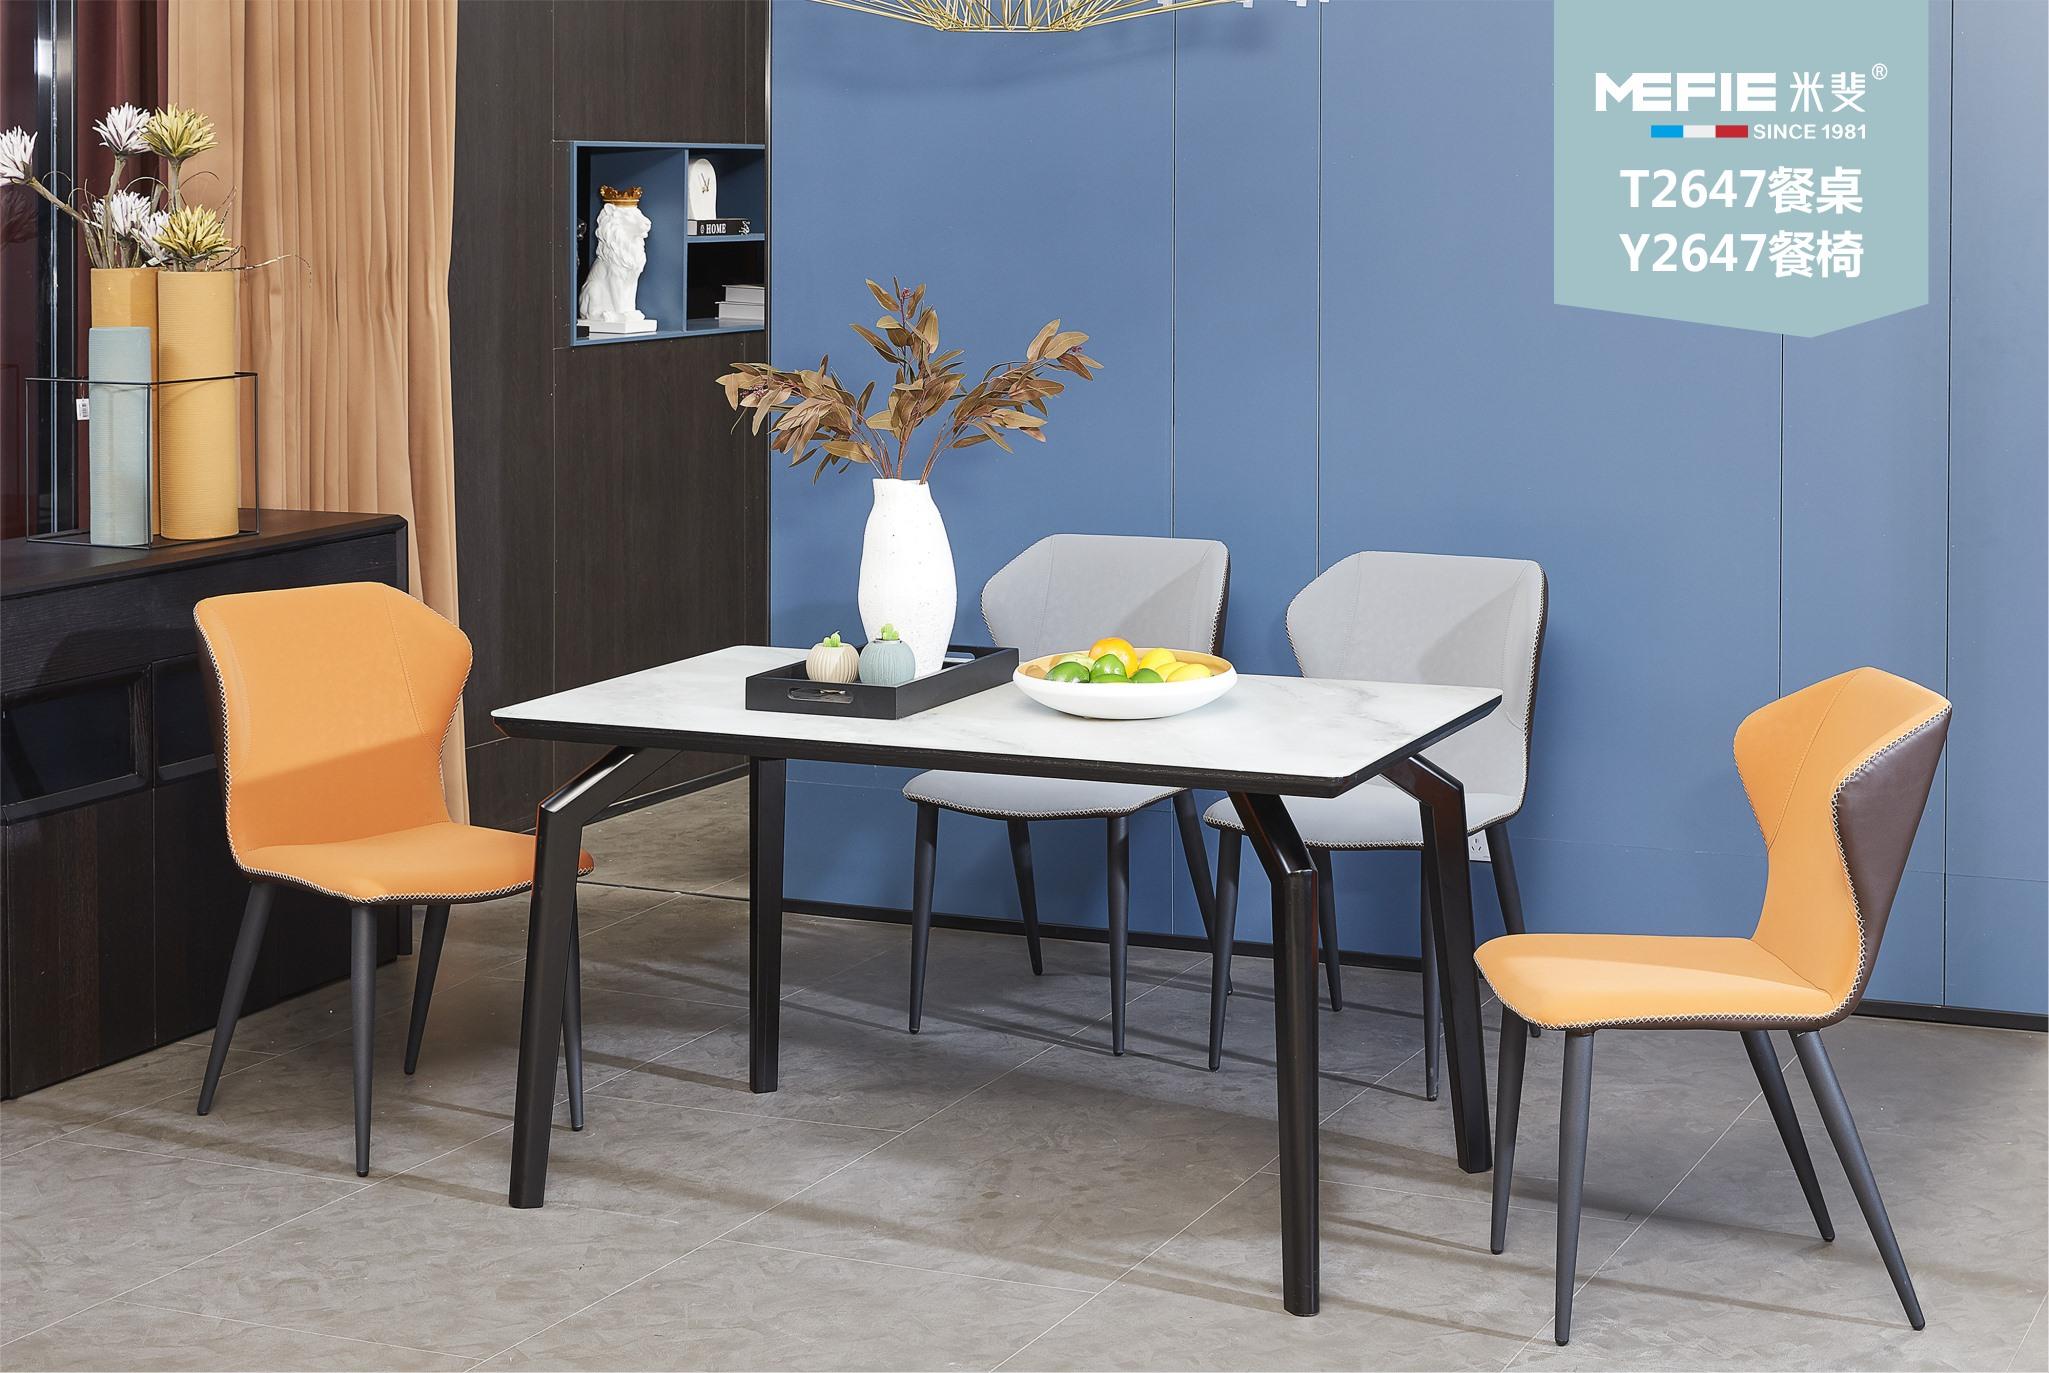 餐桌T2647+餐椅Y2647